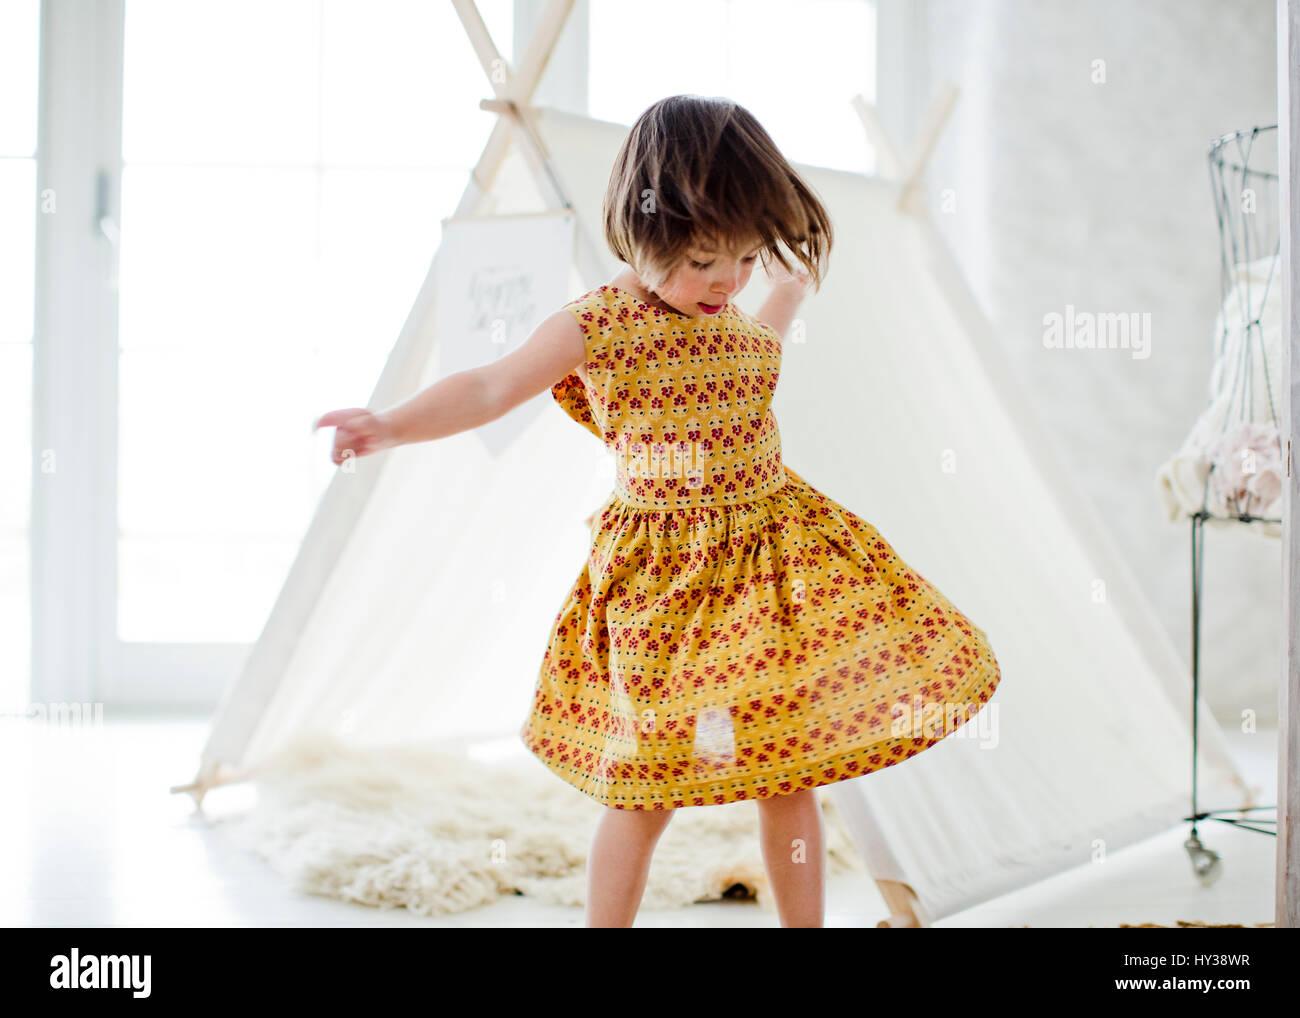 La Svezia, ragazza (4-5) ballare accanto alla tenda a casa Immagini Stock